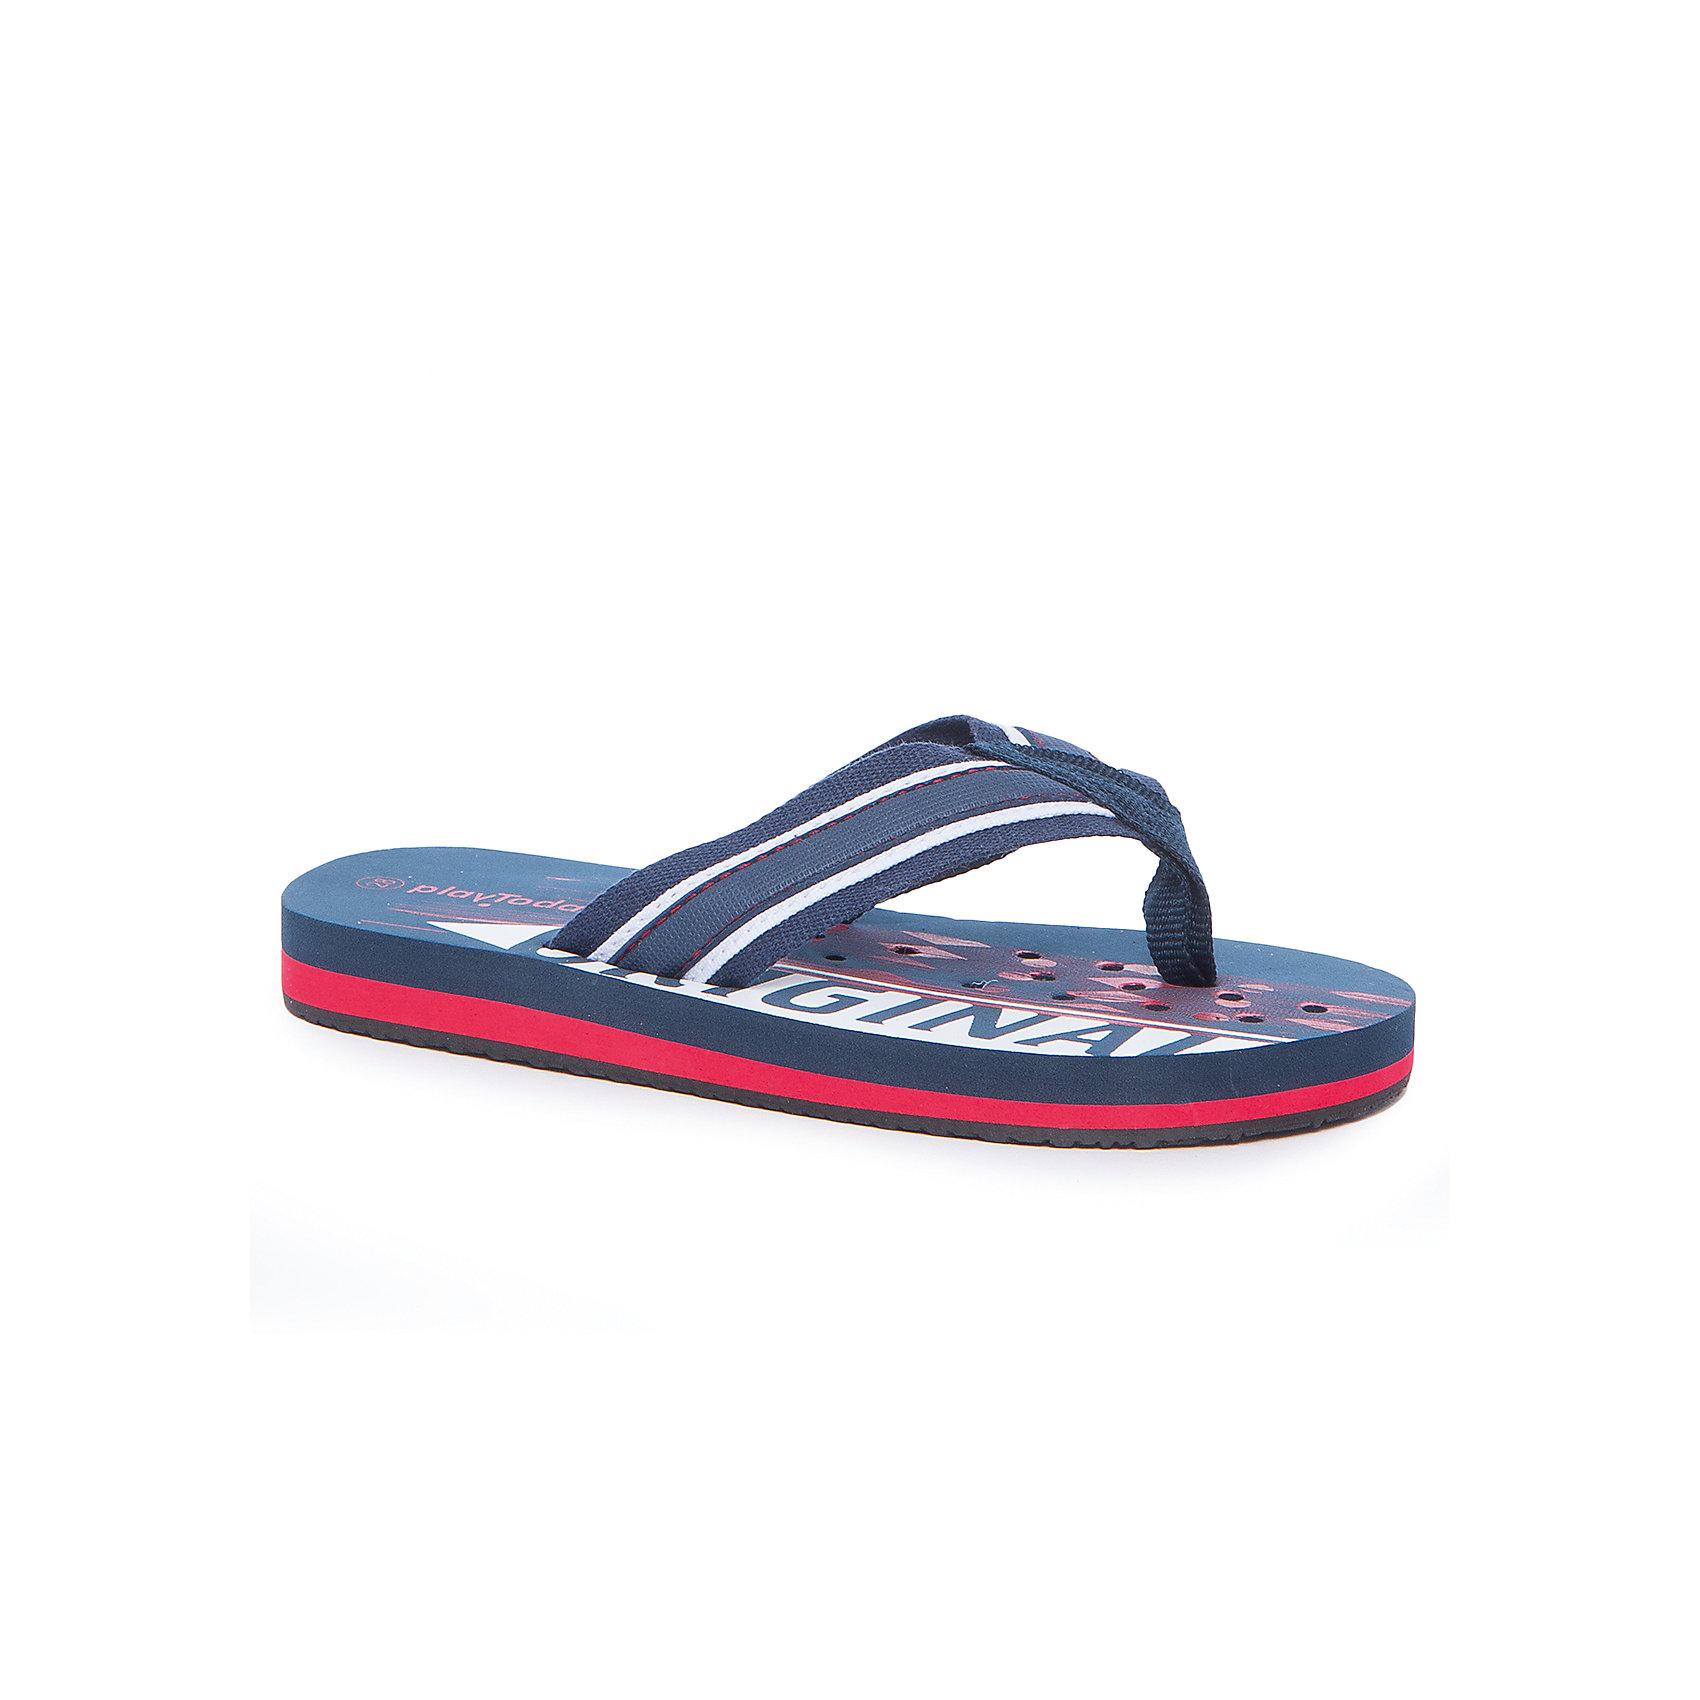 Шлепанцы для мальчика PlayTodayПляжная обувь<br>Характеристики товара:<br><br>• цвет: разноцветный<br>• состав: 80% хлопок, 20% полиэстер<br>• стильный дизайн<br>• качественный материал<br>• устойчивая подошва<br>• легкие<br>• комфортная посадка<br>• коллекция: весна-лето 2017<br>• страна бренда: Германия<br>• страна производства: Китай<br><br>Популярный бренд PlayToday выпустил новую коллекцию! Вещи из неё продолжают радовать покупателей удобством, стильным дизайном и продуманным кроем. Дети носят их с удовольствием. PlayToday - это линейка товаров, созданная специально для детей. Дизайнеры учитывают новые веяния моды и потребности детей. Порадуйте ребенка обновкой от проверенного производителя!<br>Эти пантолеты обеспечат ребенку комфорт благодаря качественному материалу и удобной форме. Они удобно сидят, не сковывают движения - отличный вариант обуви для детей. Не натирают, позволяют коже дышать.<br><br>Пантолеты для мальчика от известного бренда PlayToday можно купить в нашем интернет-магазине.<br><br>Ширина мм: 225<br>Глубина мм: 139<br>Высота мм: 112<br>Вес г: 290<br>Цвет: белый<br>Возраст от месяцев: 84<br>Возраст до месяцев: 96<br>Пол: Мужской<br>Возраст: Детский<br>Размер: 31,32,33,34,28,29,30<br>SKU: 5403507